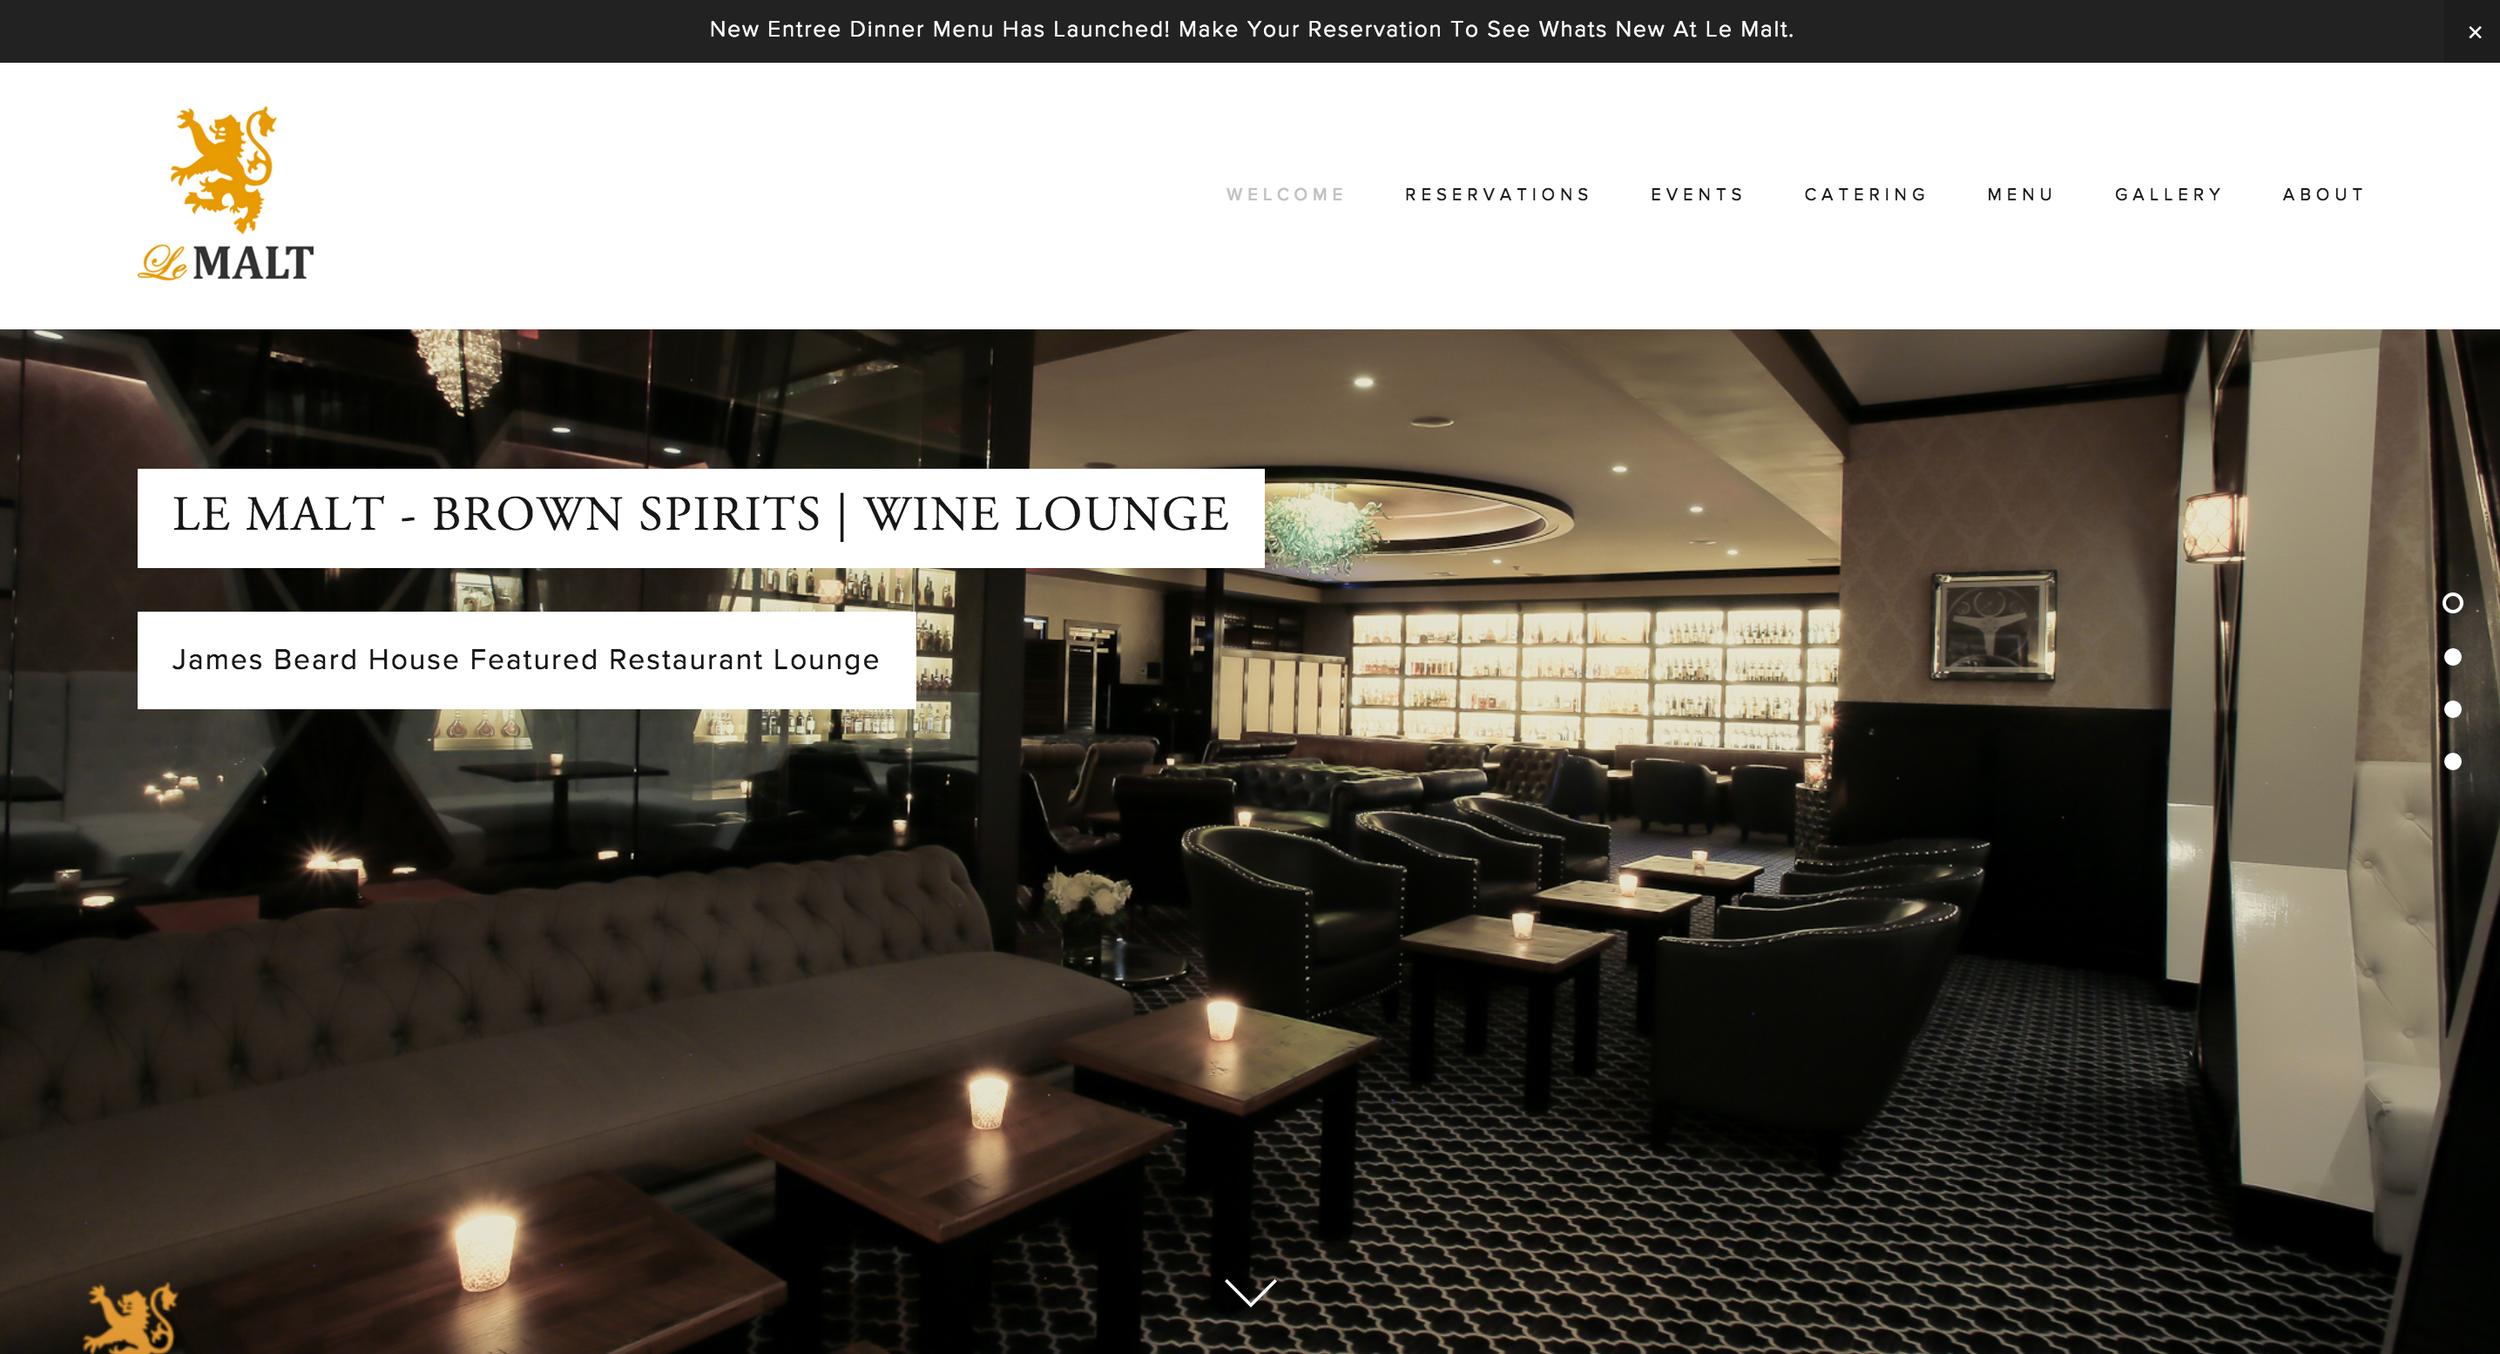 Le Malt Lounge (lemalt.com)